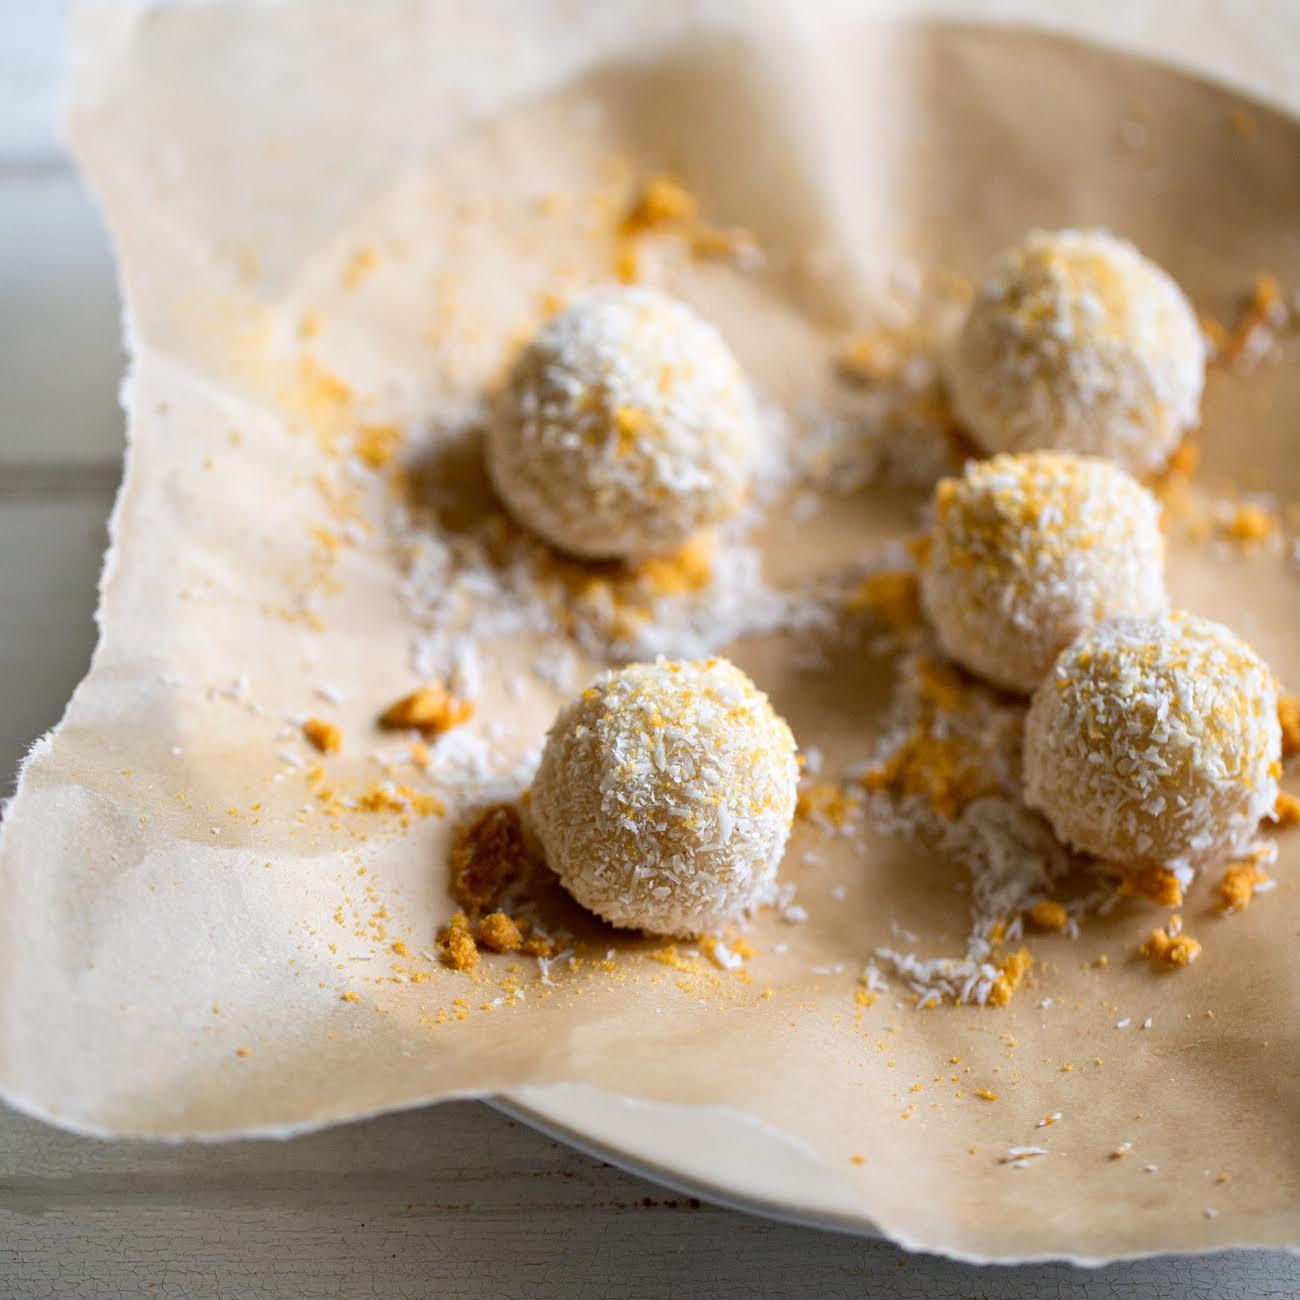 White Chocolate and Cardamom Truffles